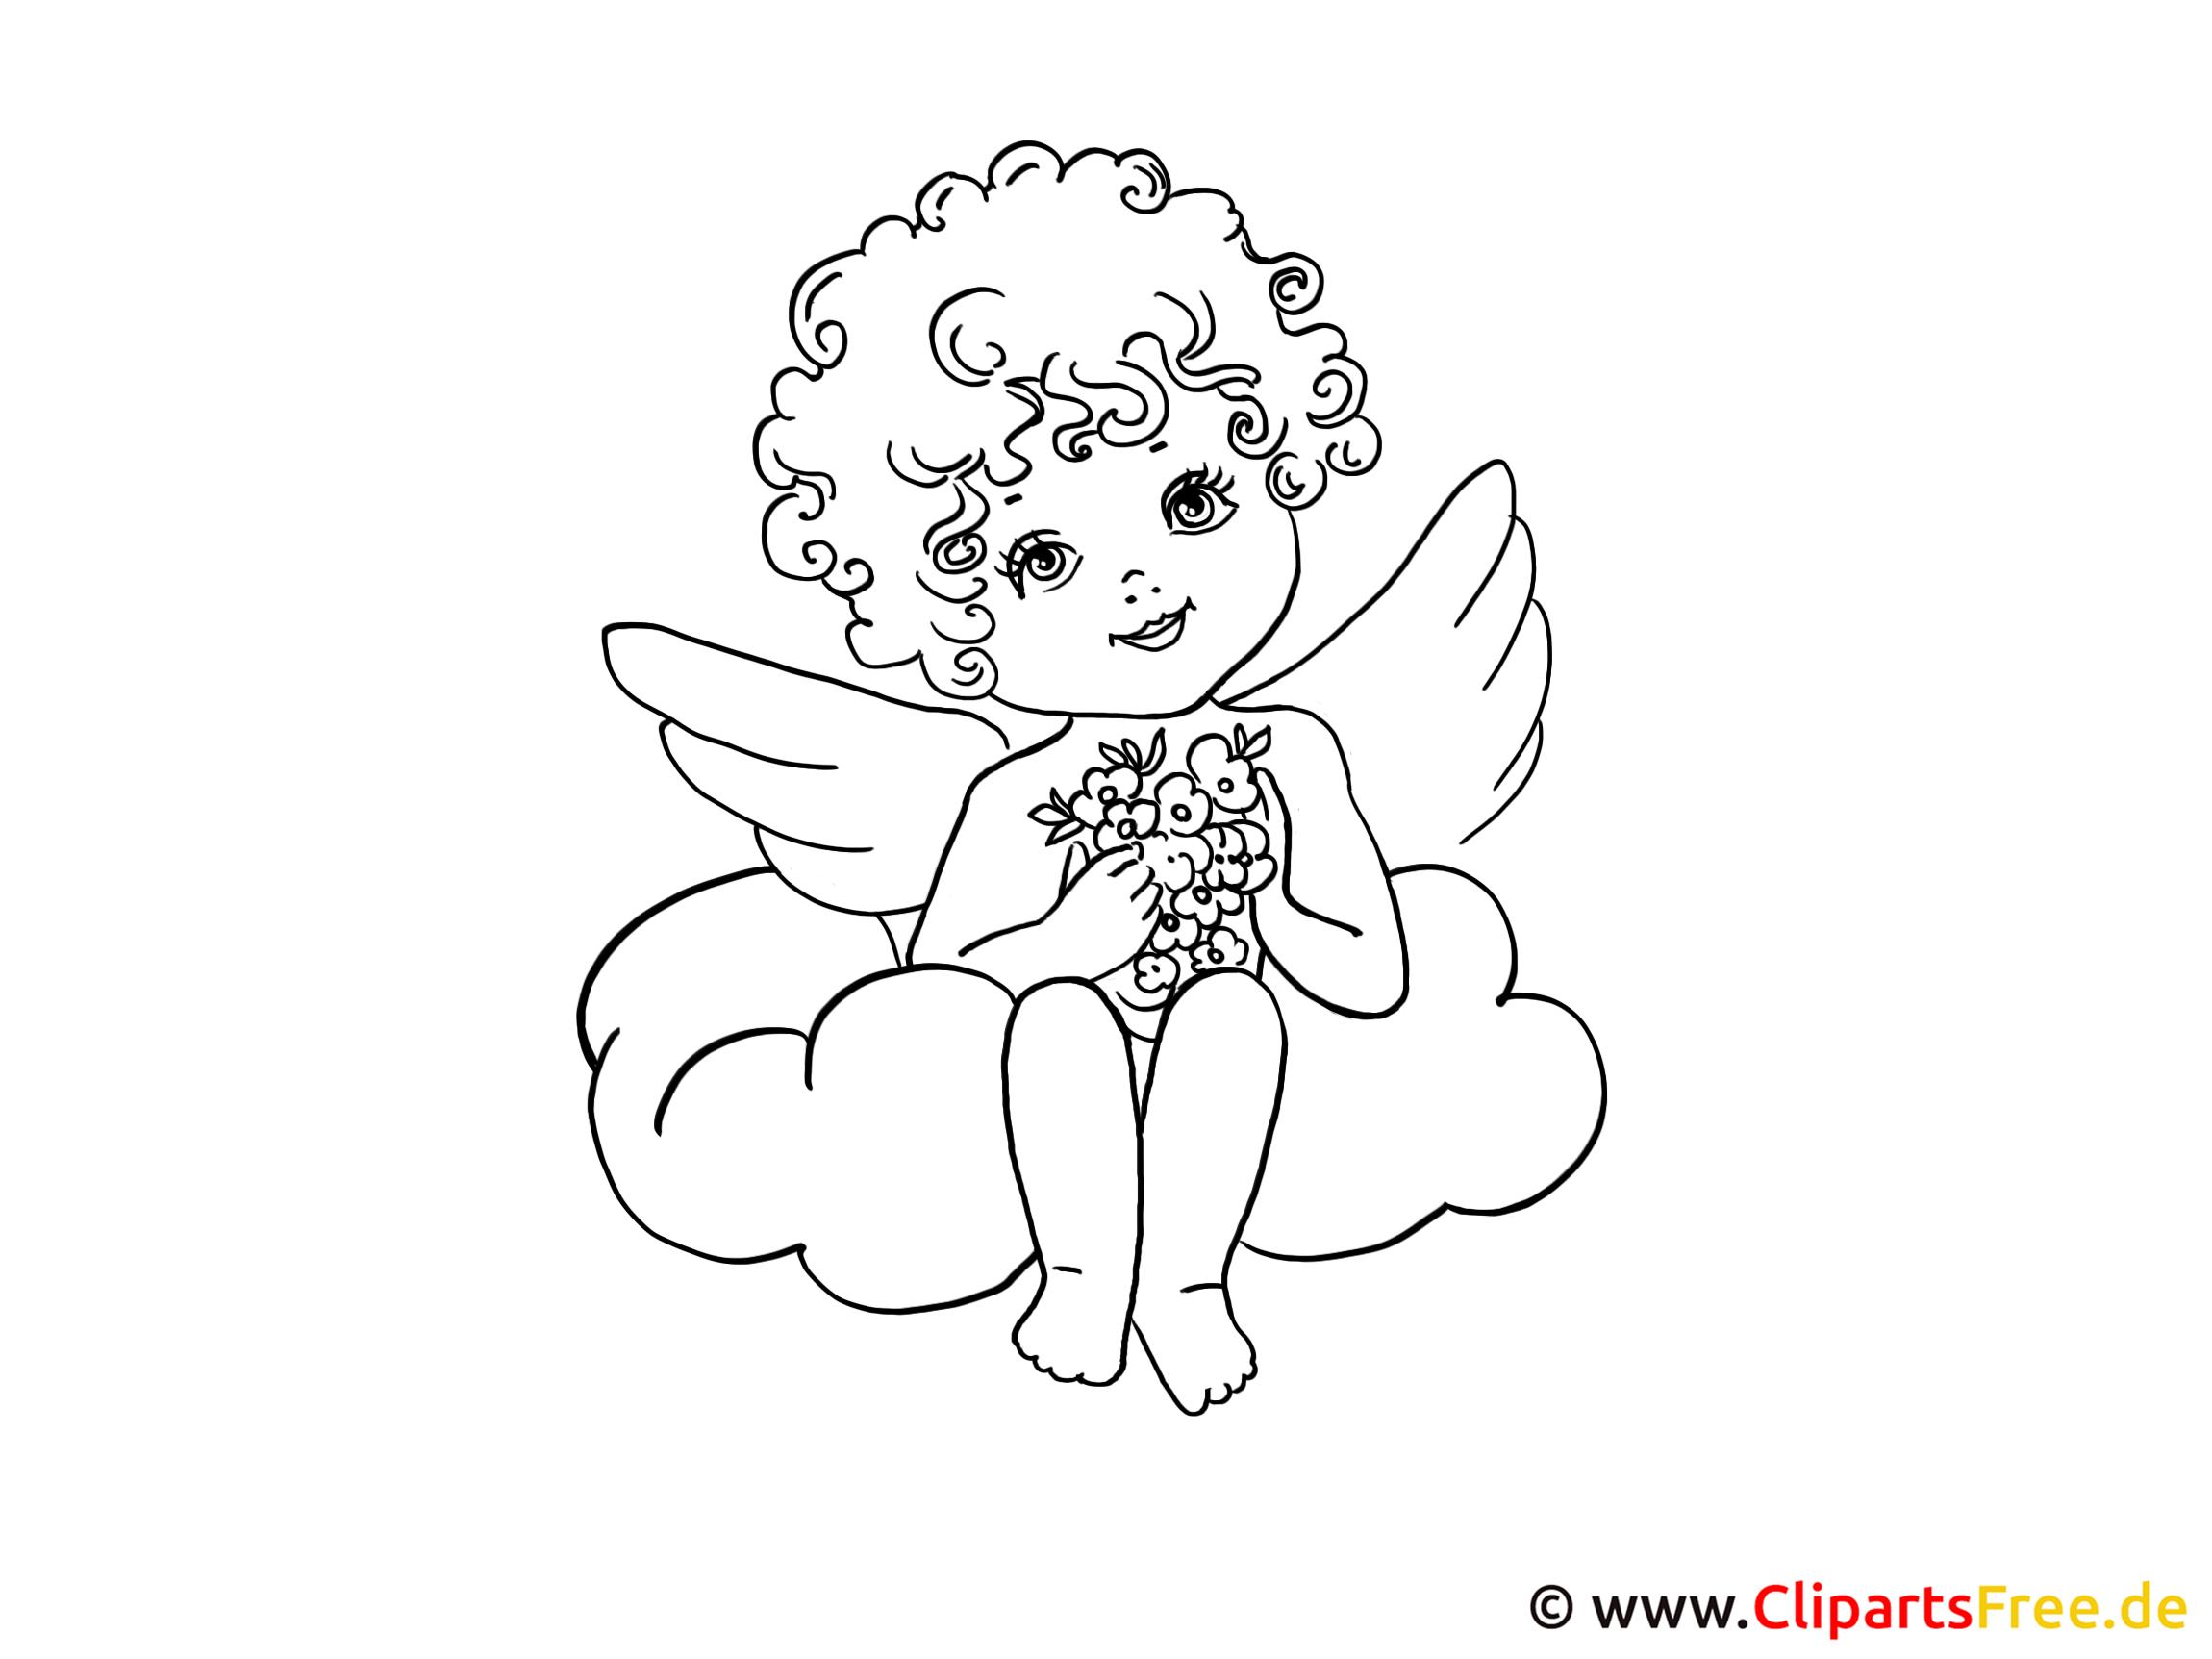 Kostenlose Ausmalbilder Zum Drucken Engel innen Weihnachtsbilder Zum Ausmalen Und Drucken